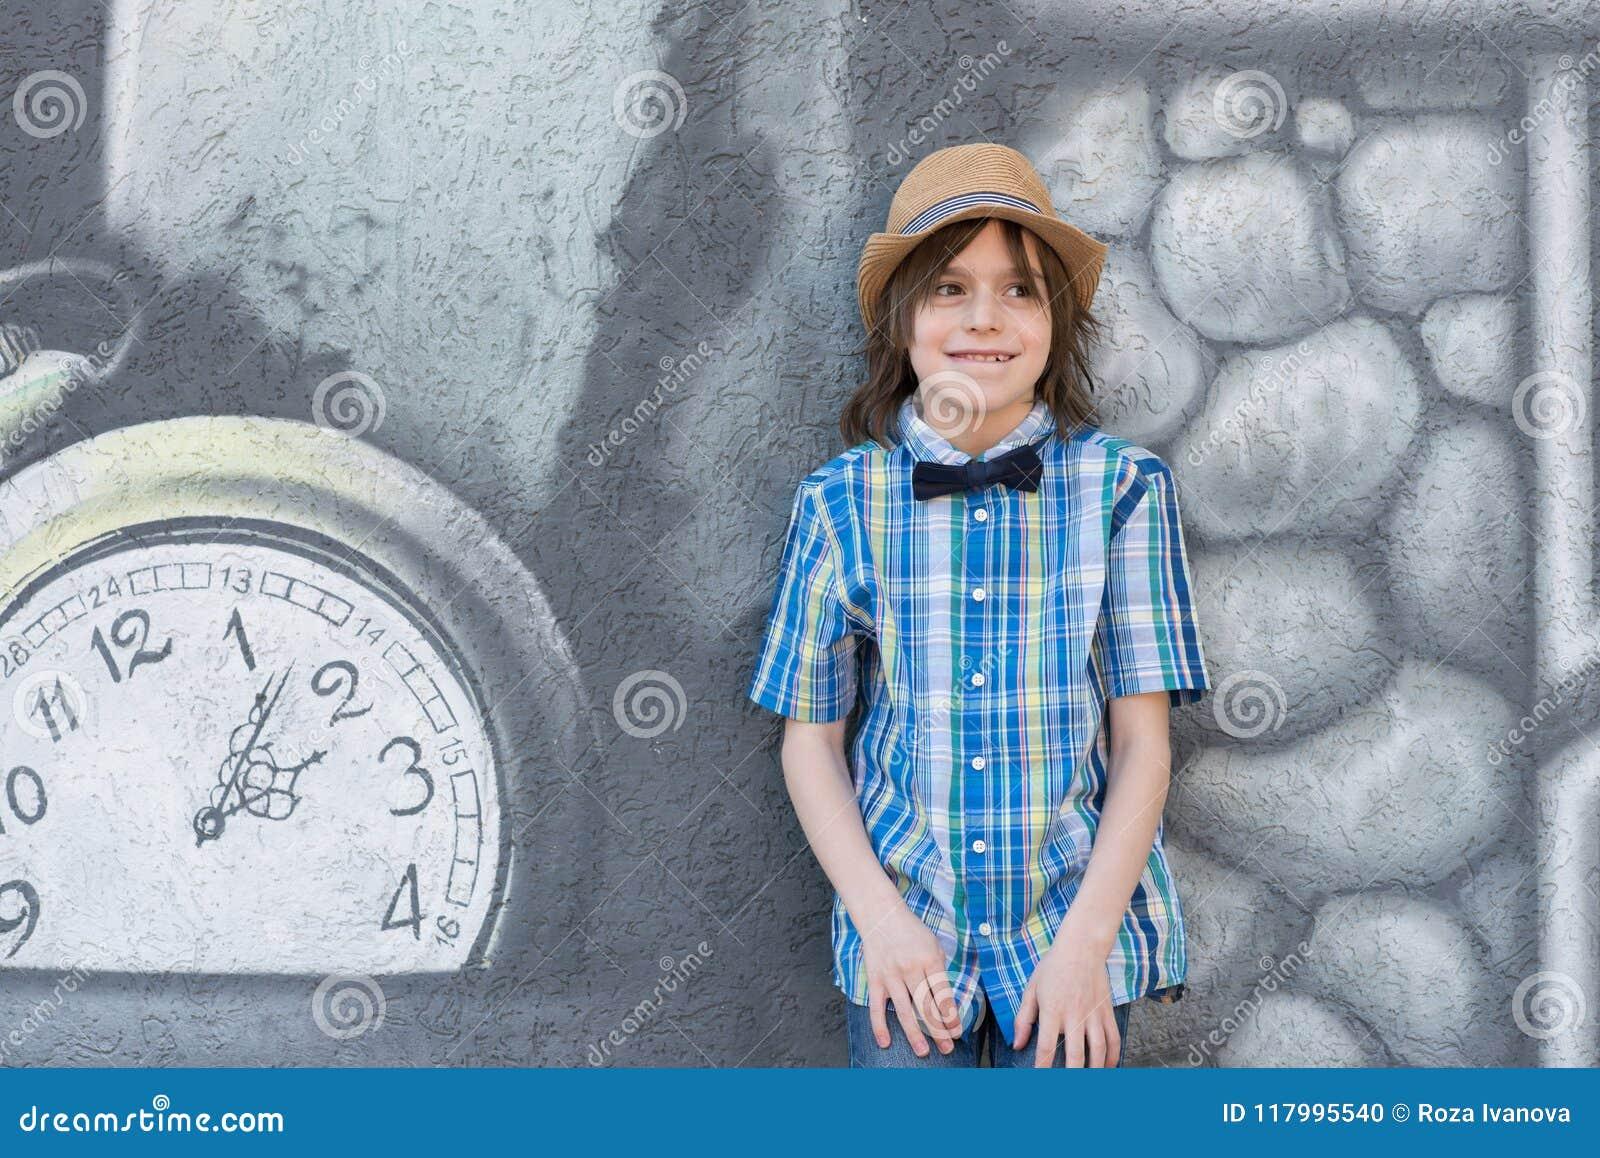 Ein Schüler in einem Hut und in einer Bindung - Schmetterling steht das te bereit